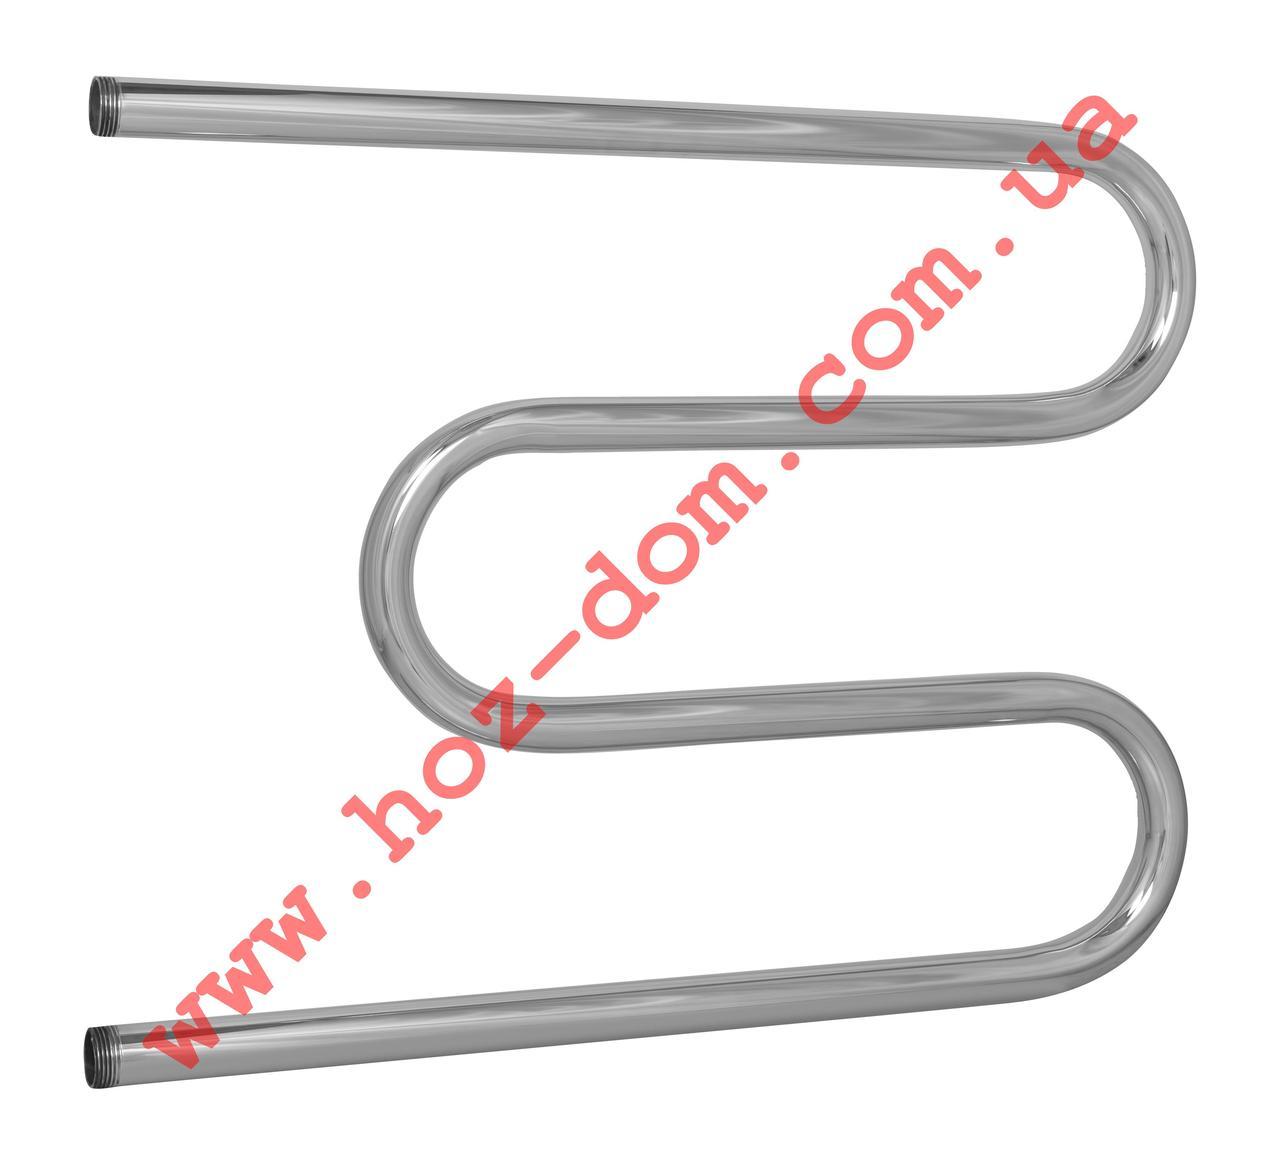 Змеевик Аквакомфорт 500*700-3 колена 3мм нерж.